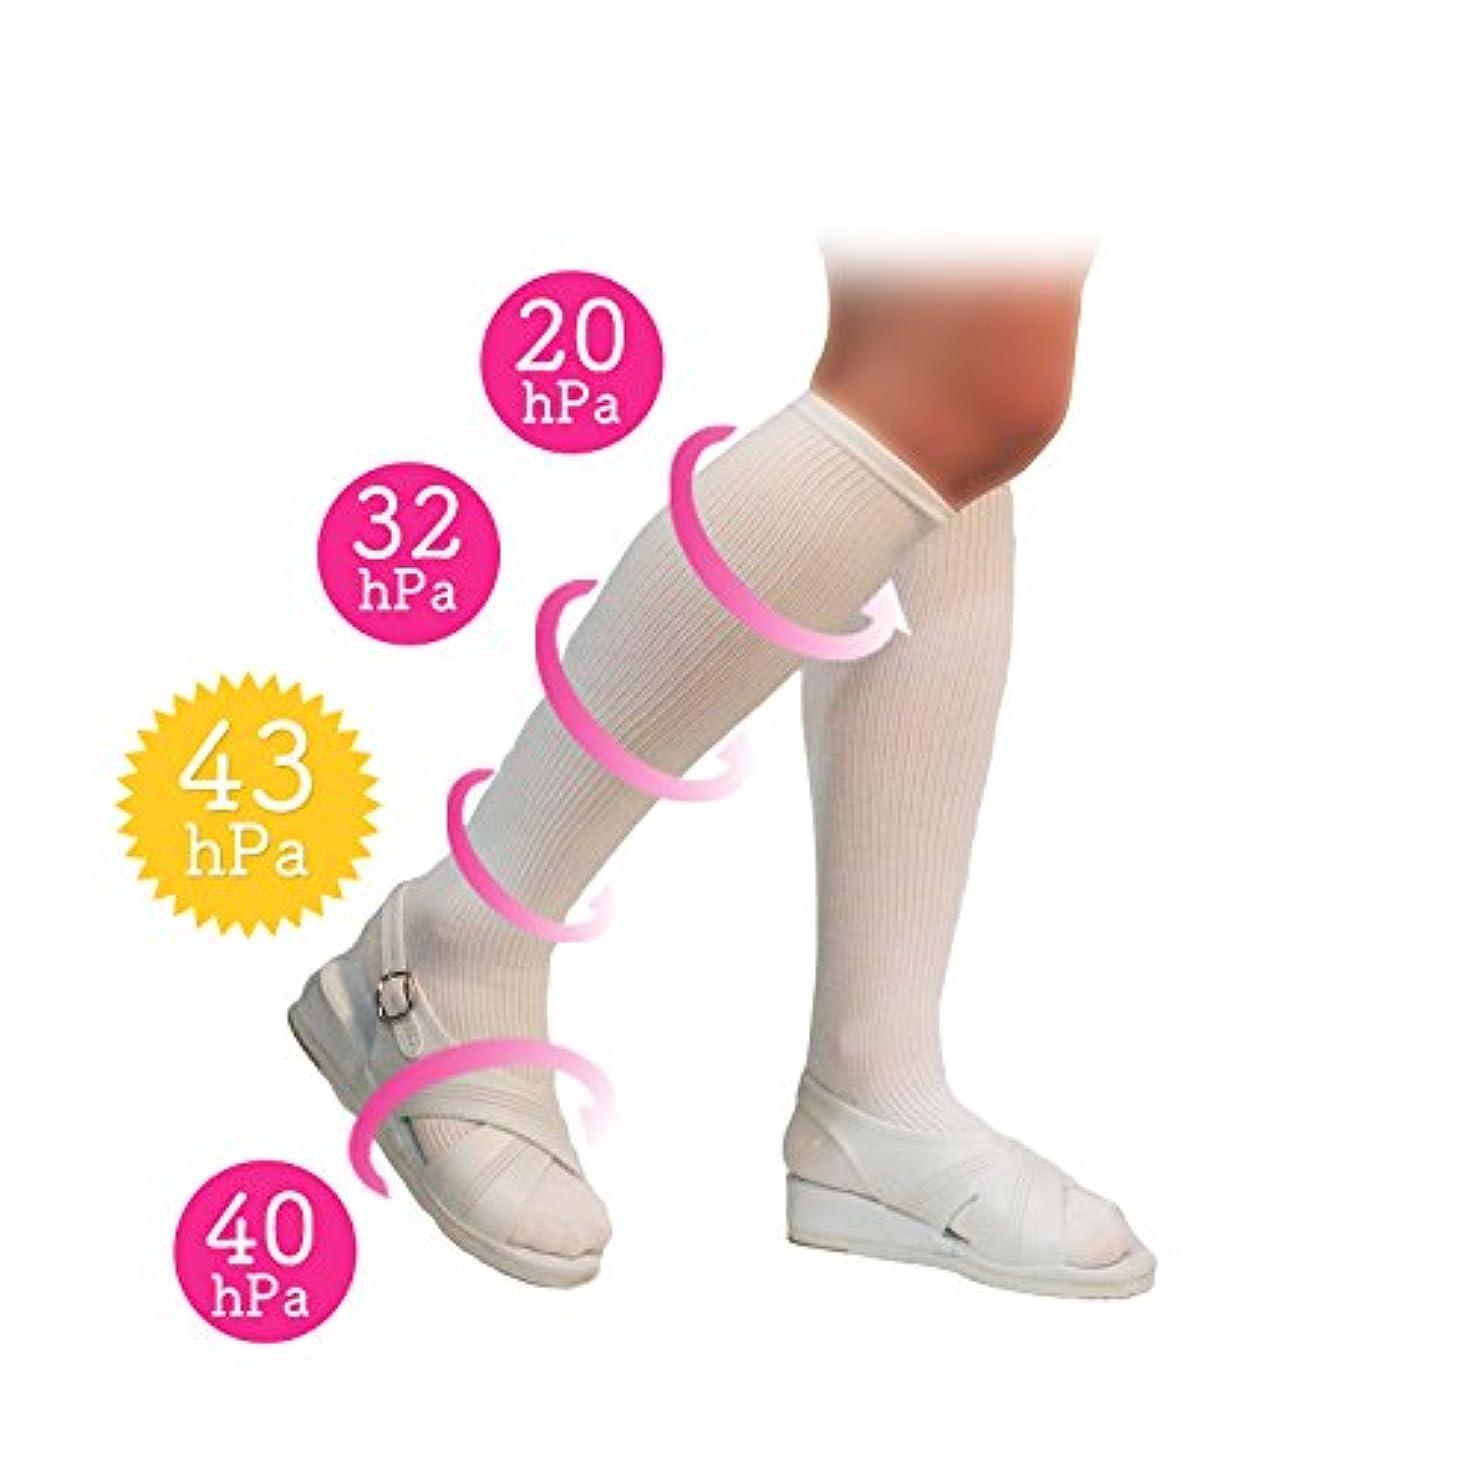 【看護師さんに大人気】長間疲れづらい 美脚 着圧 ソックス ホワイト 23-25cm 太陽ニット 78 むくみ解消にぴったり